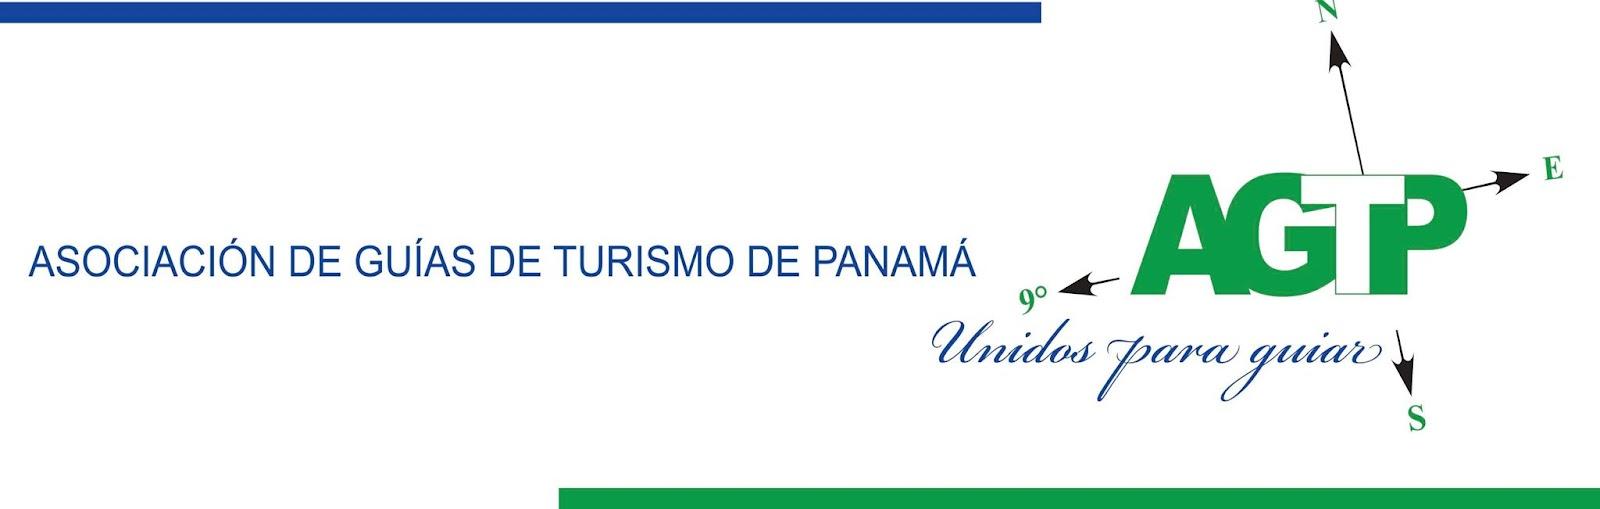 Primer Foro de Revisión y Actualización del Rol del Guía de Turismo en la Industria Turistica